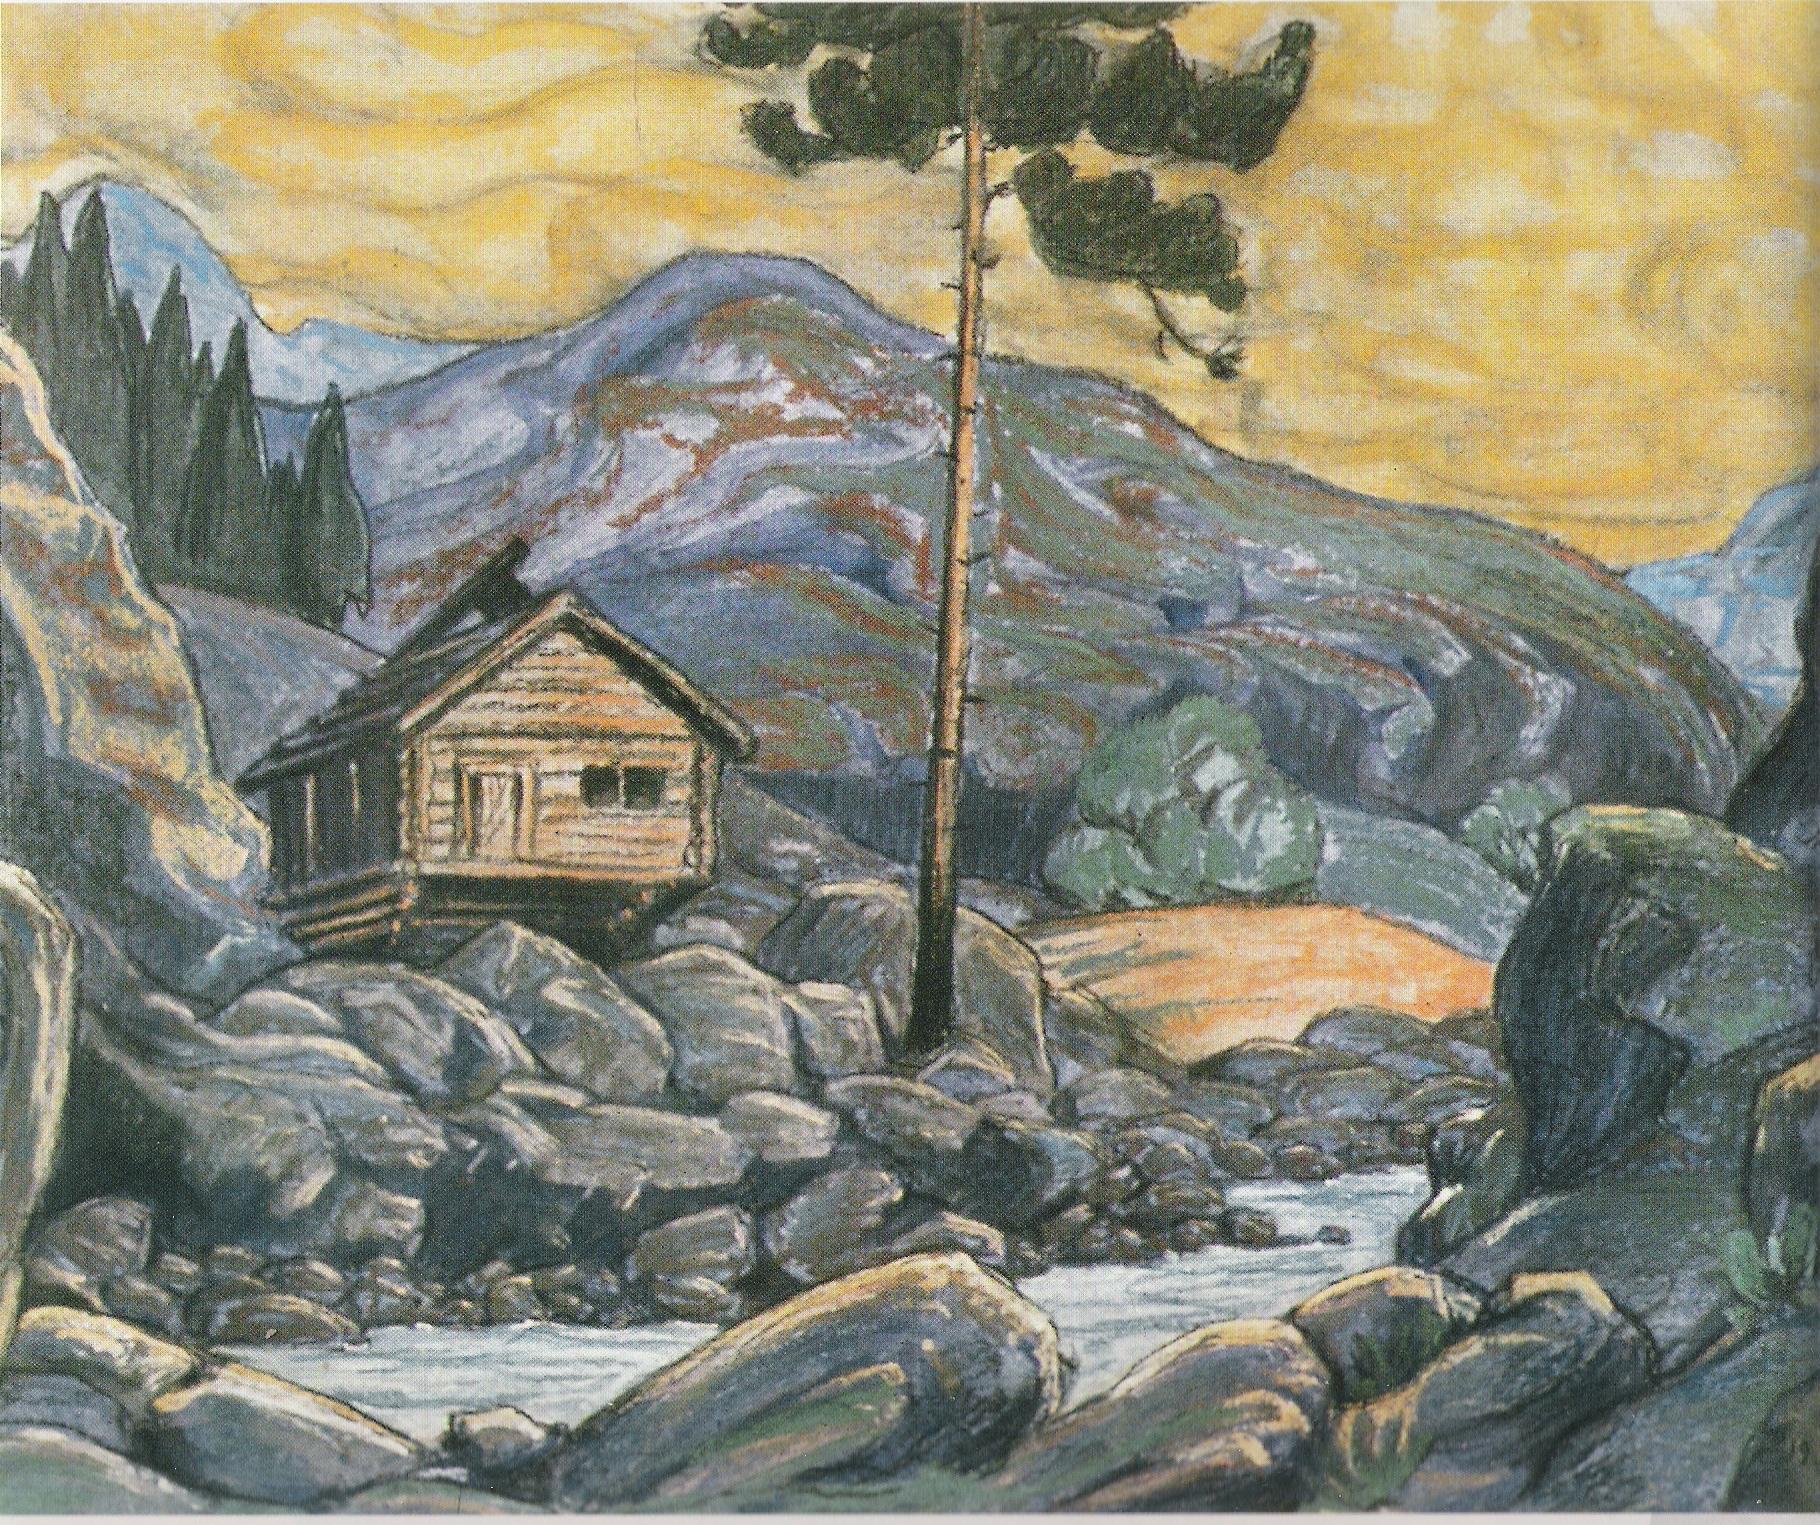 Décor pour Peer Gynt-1911-Pastel sur carton-65x50cm-Musée Nicolas Roerich New York